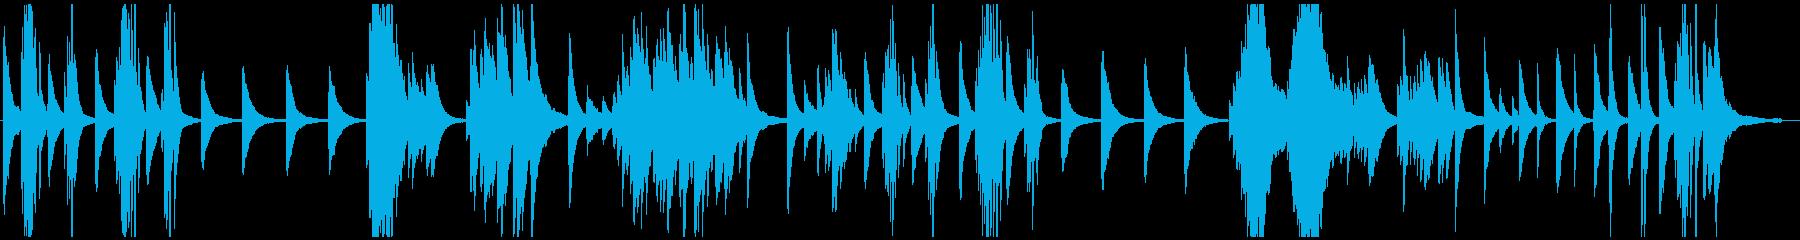 ちょっと切ないピアノソロの再生済みの波形